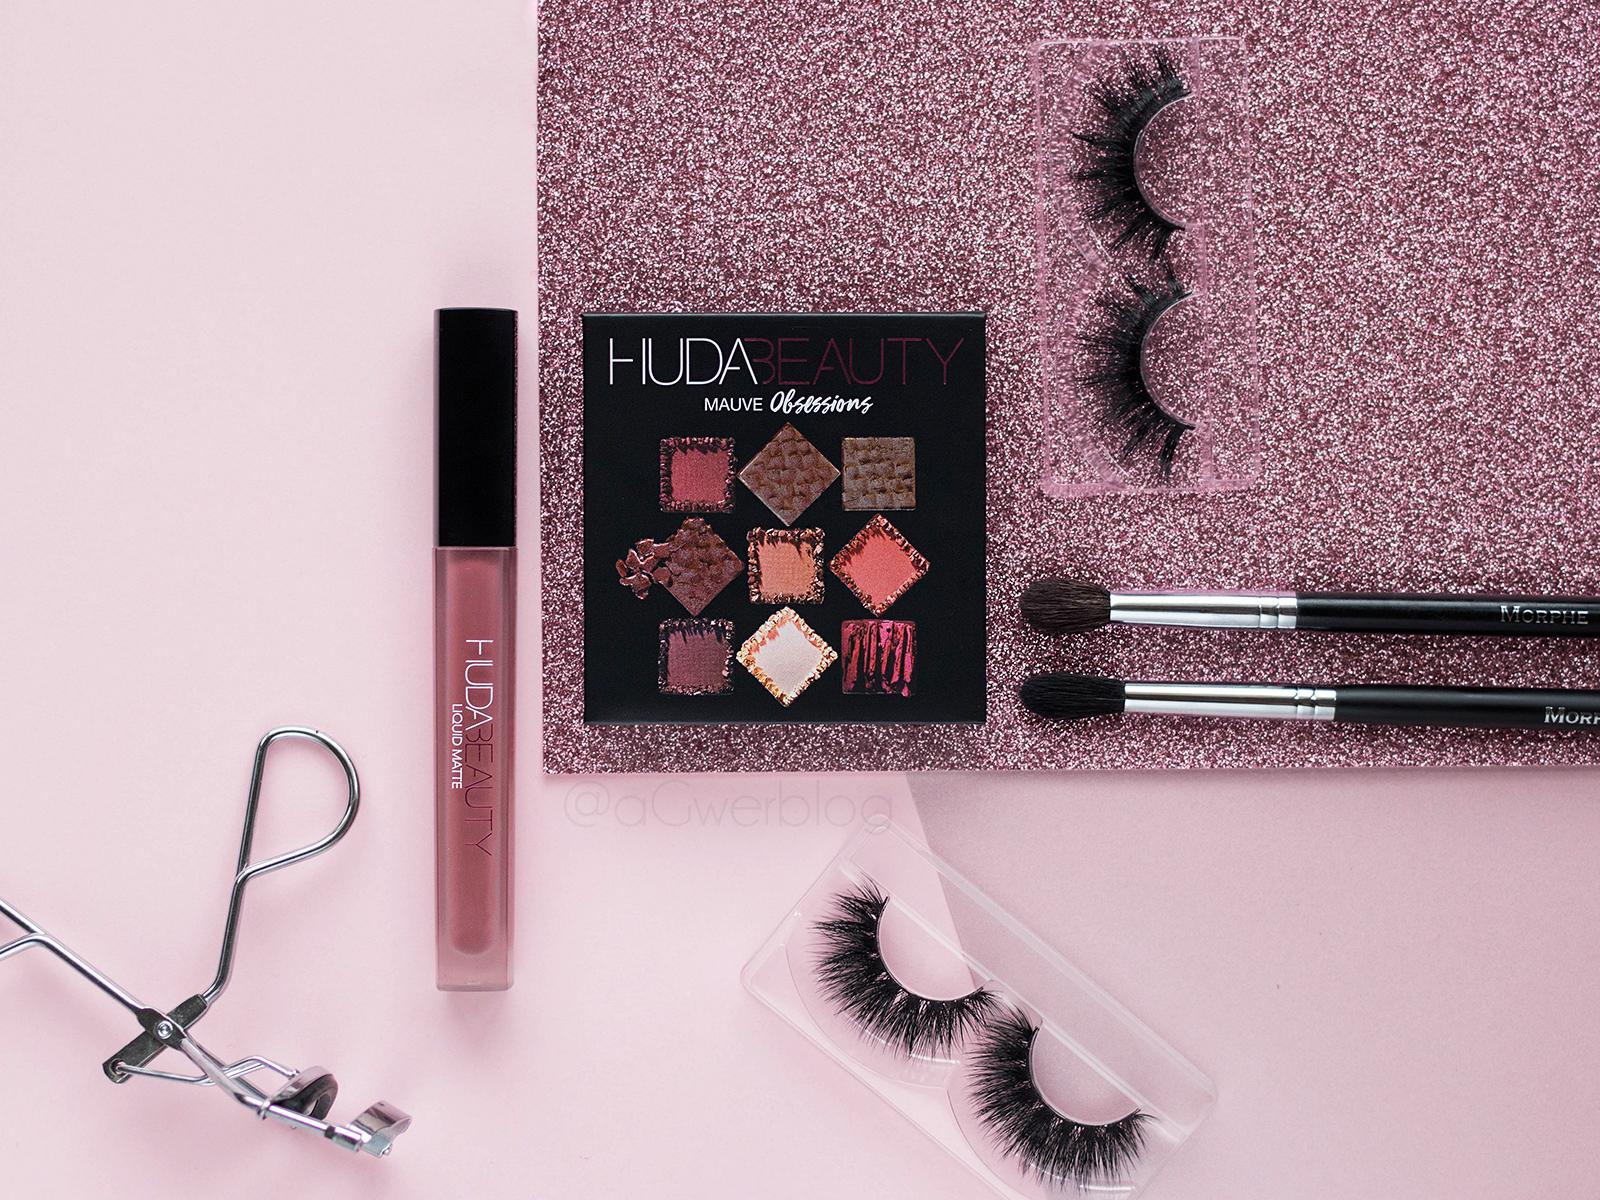 huda-beauty-mauve-obsesssions